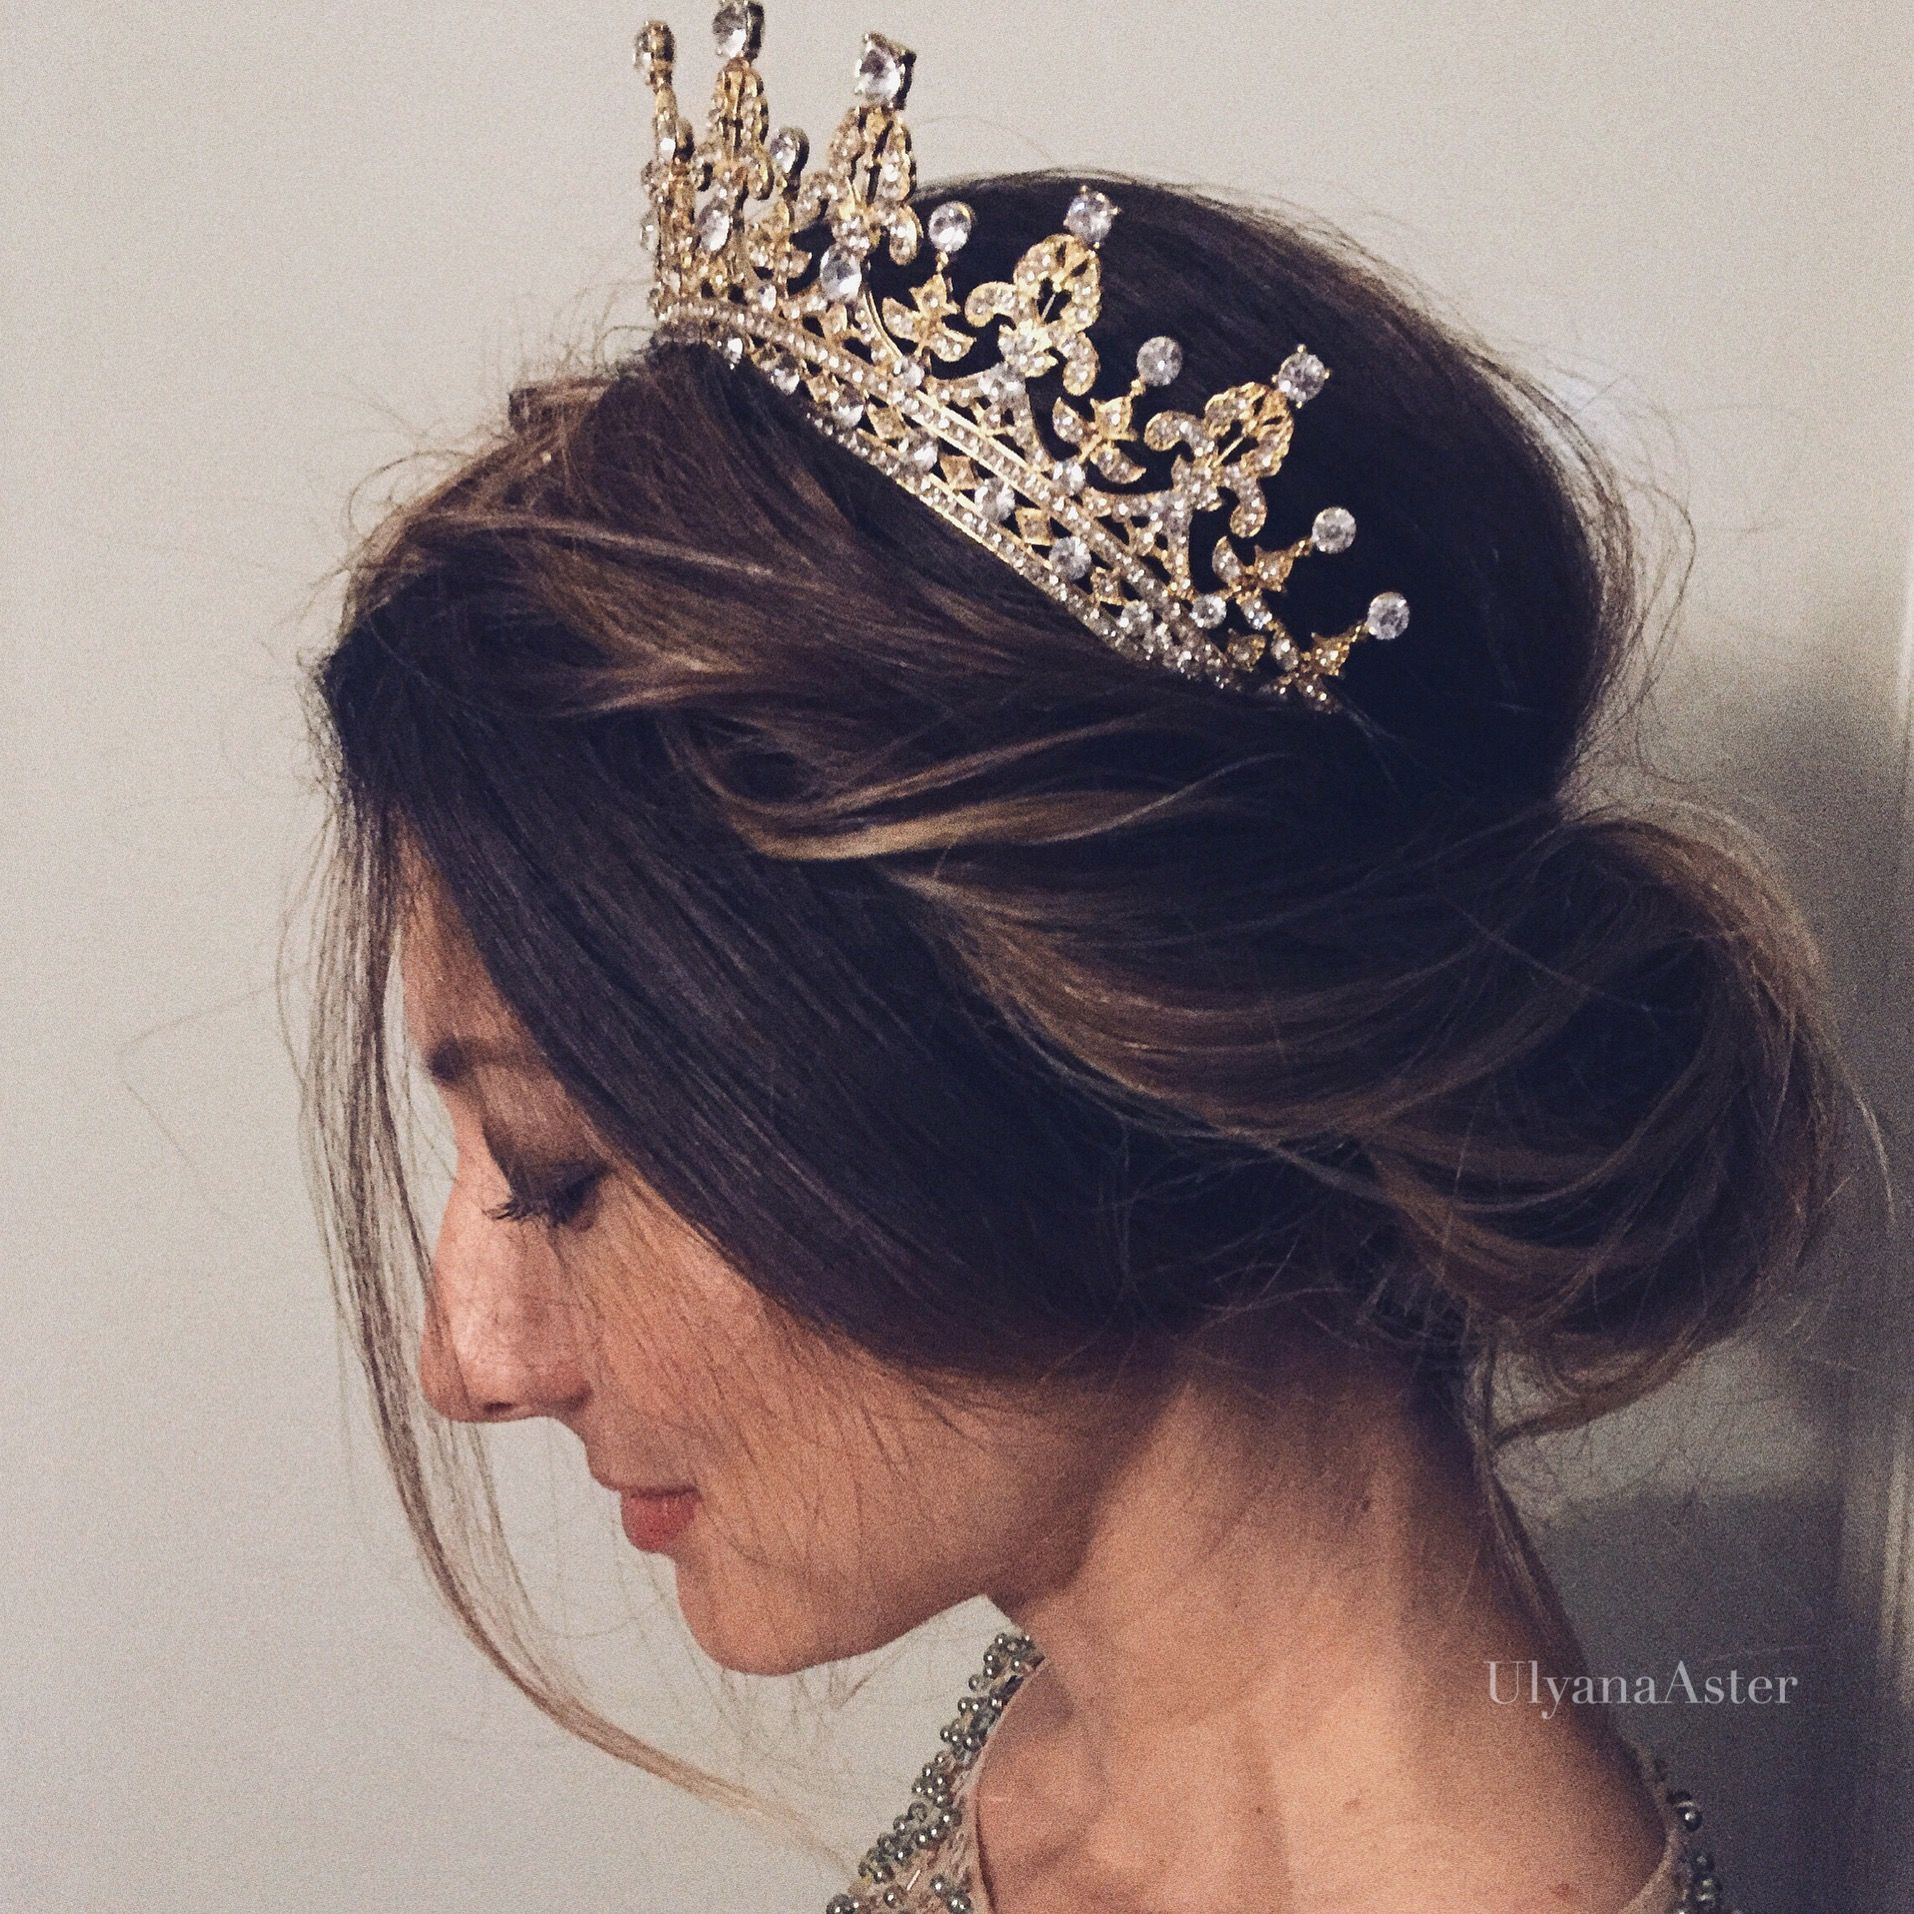 Hairstyles With Crown Girls For Wedding: Hochzeit Tiara, Brautkrone